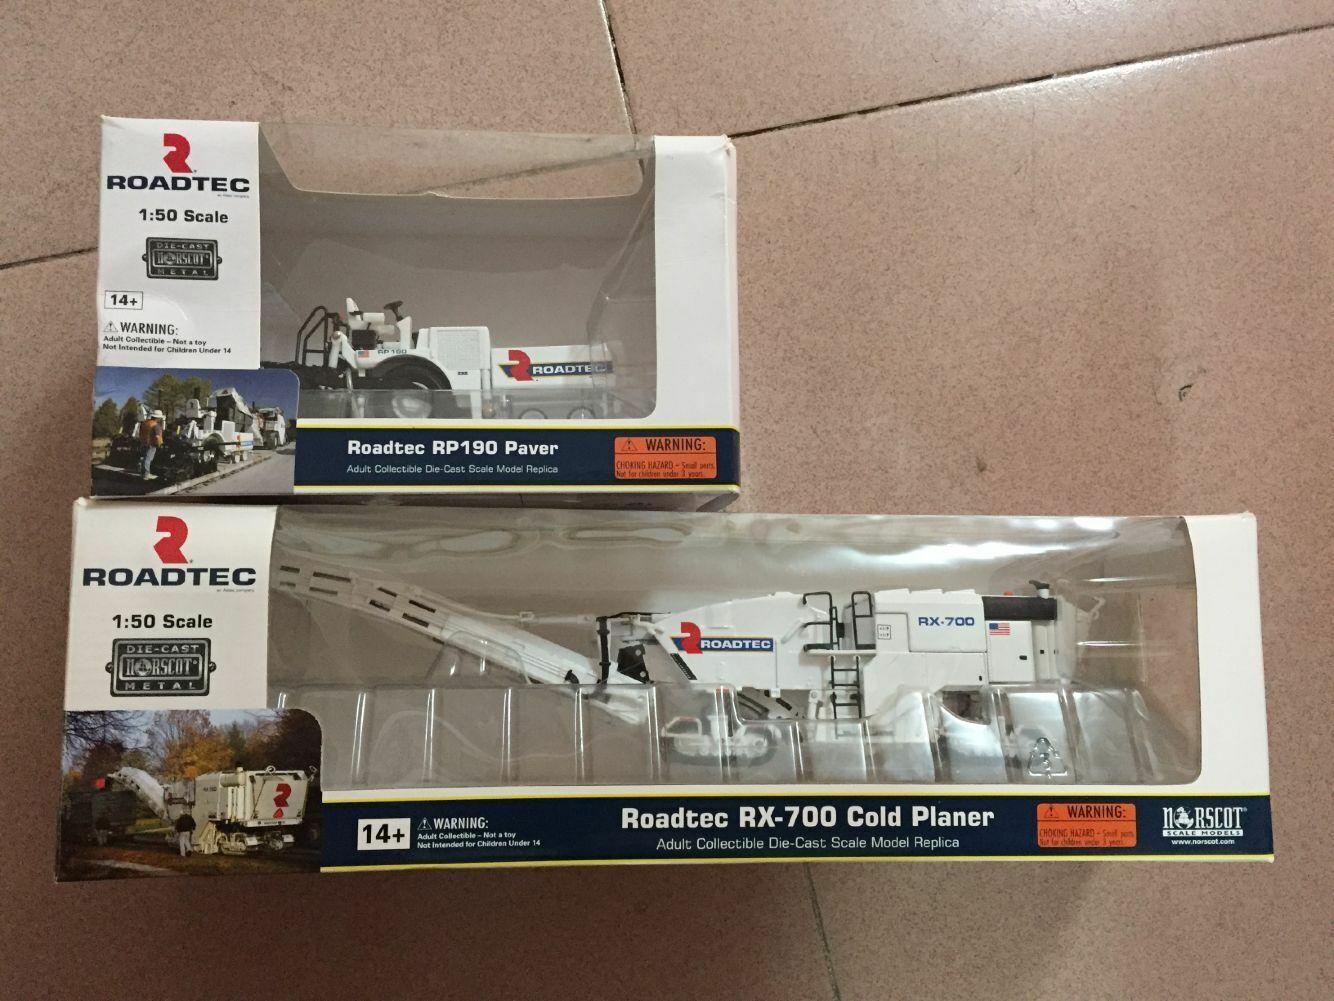 ahorra hasta un 30-50% de descuento ROADTEC RX-700 planificador de frío frío frío Amoladora + RP190 Road extendedoras 1 50 por Norscot 2 piezas  barato